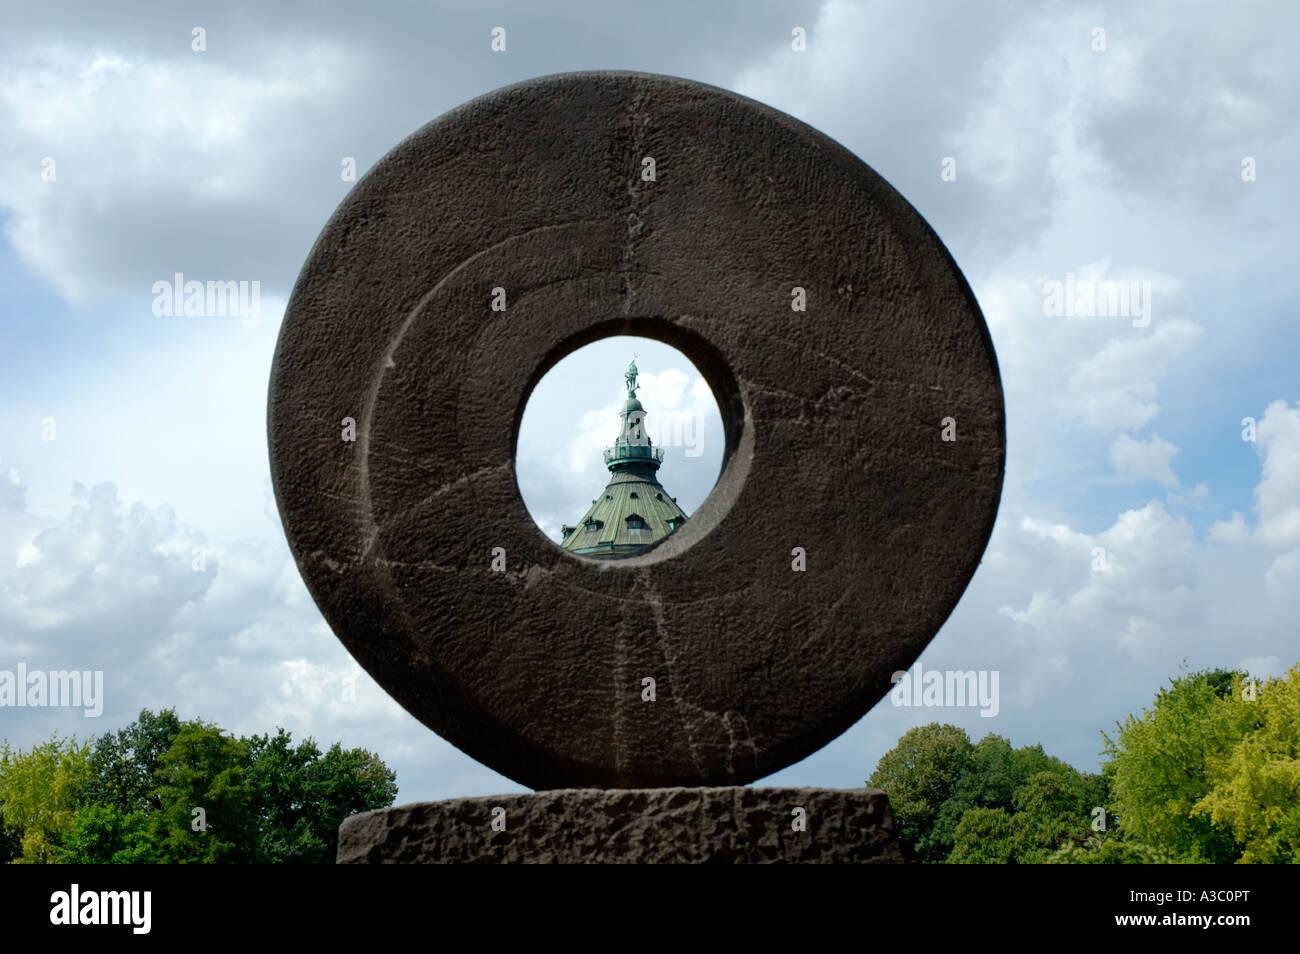 La torre dell'acqua simbolo di Mannheim come visto attraverso una scultura moderna Immagini Stock